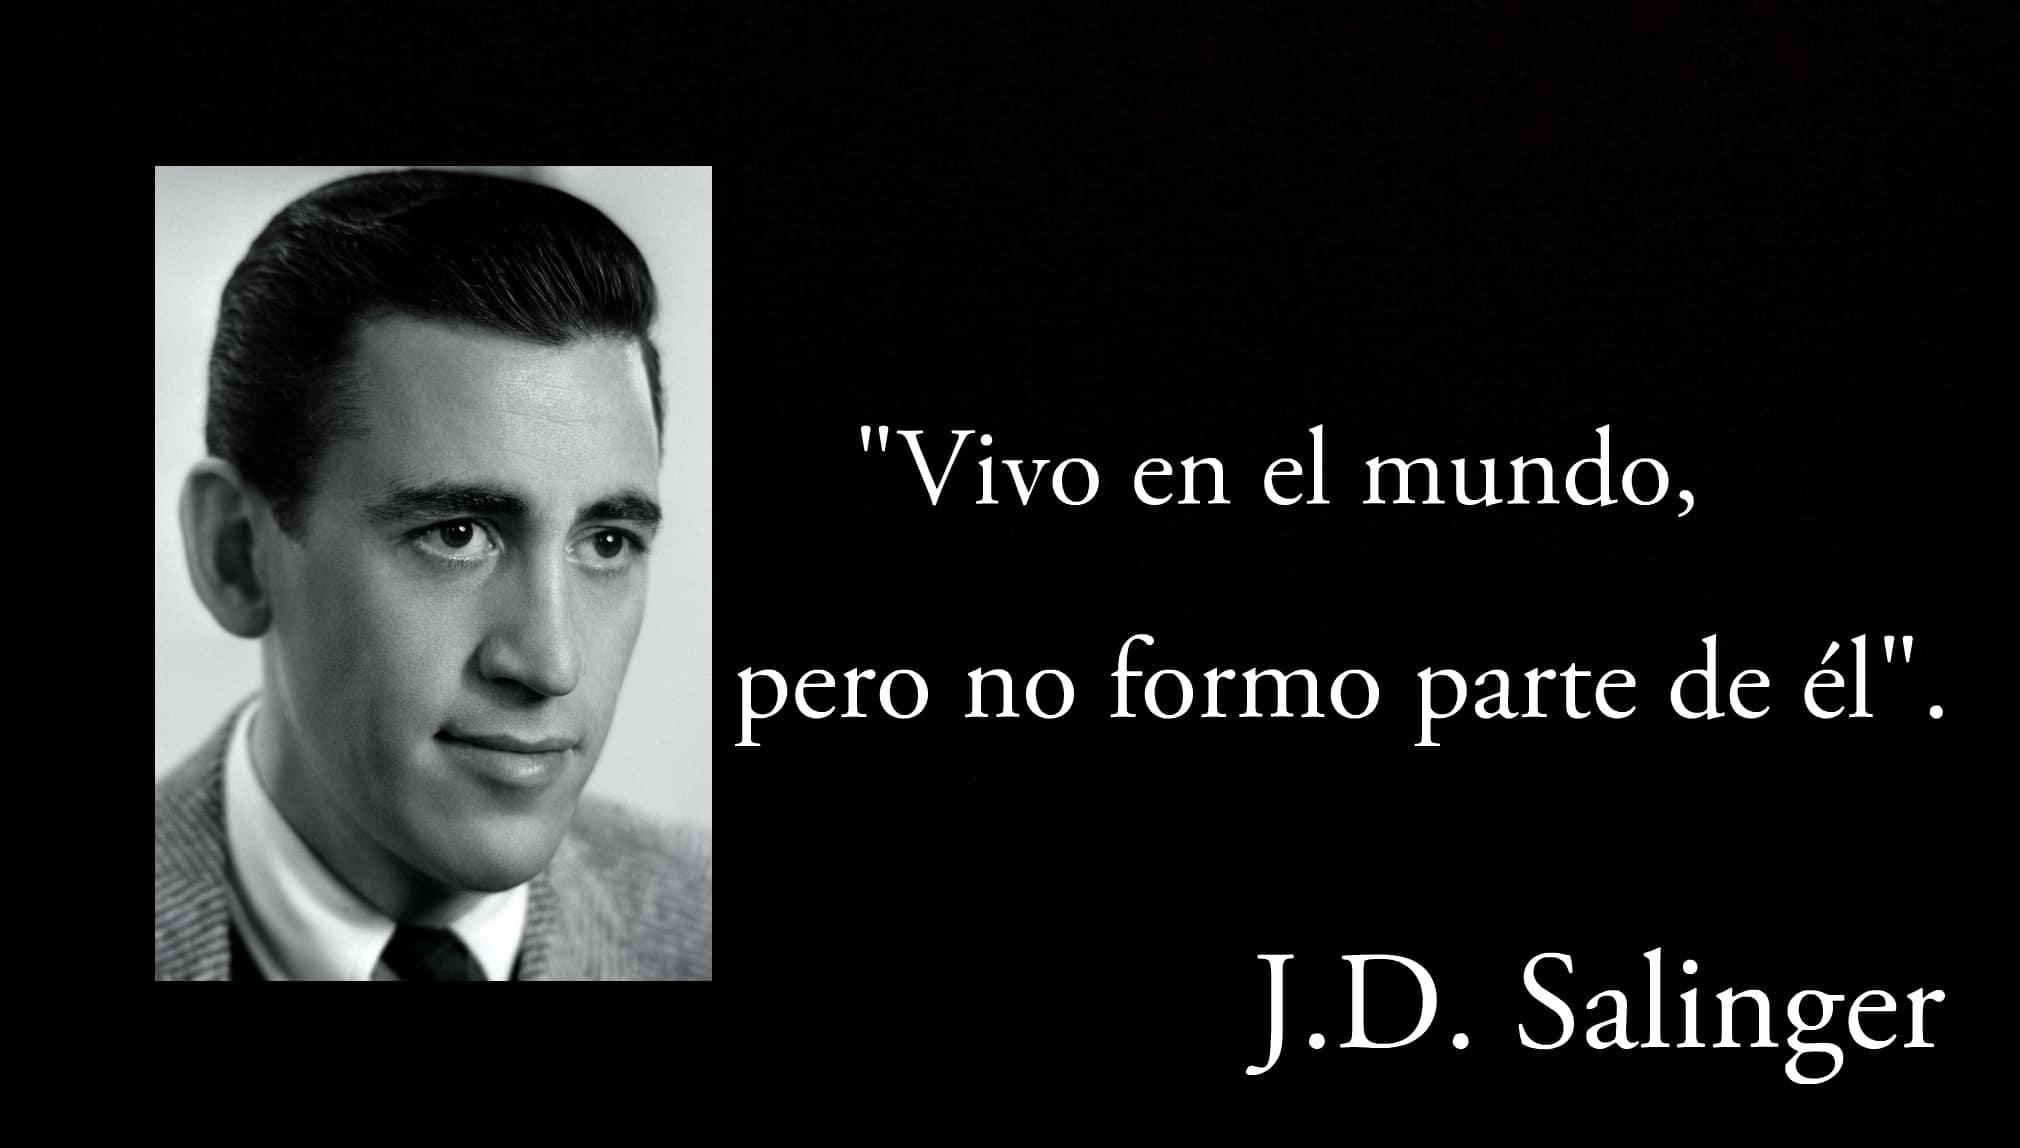 Frase de J.D. Salinger.